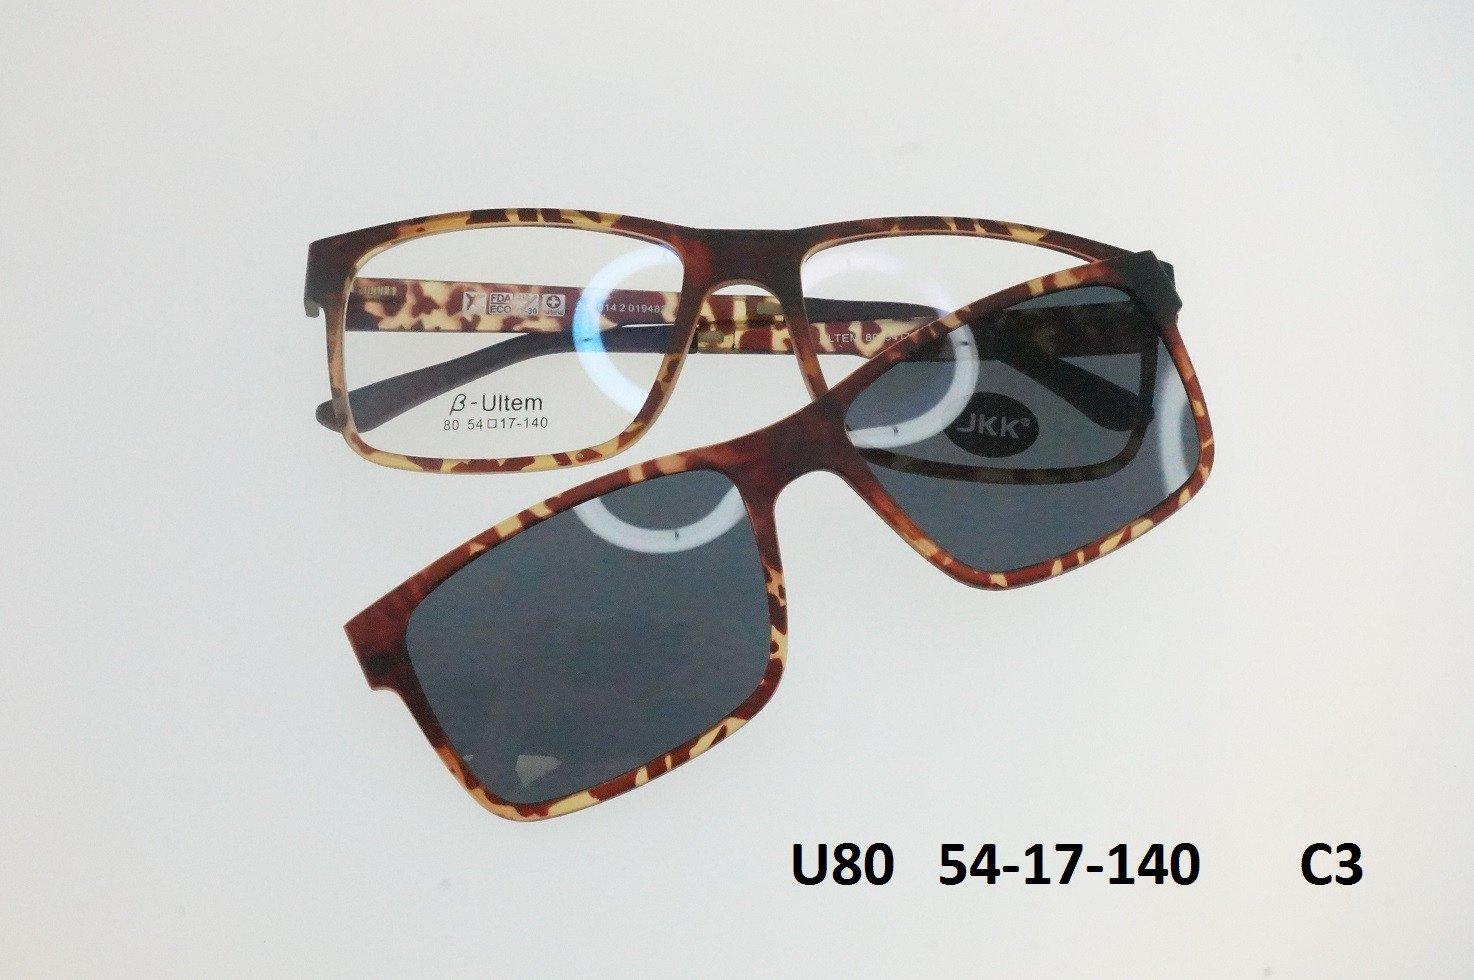 U80 - Clip on (54-17-140)